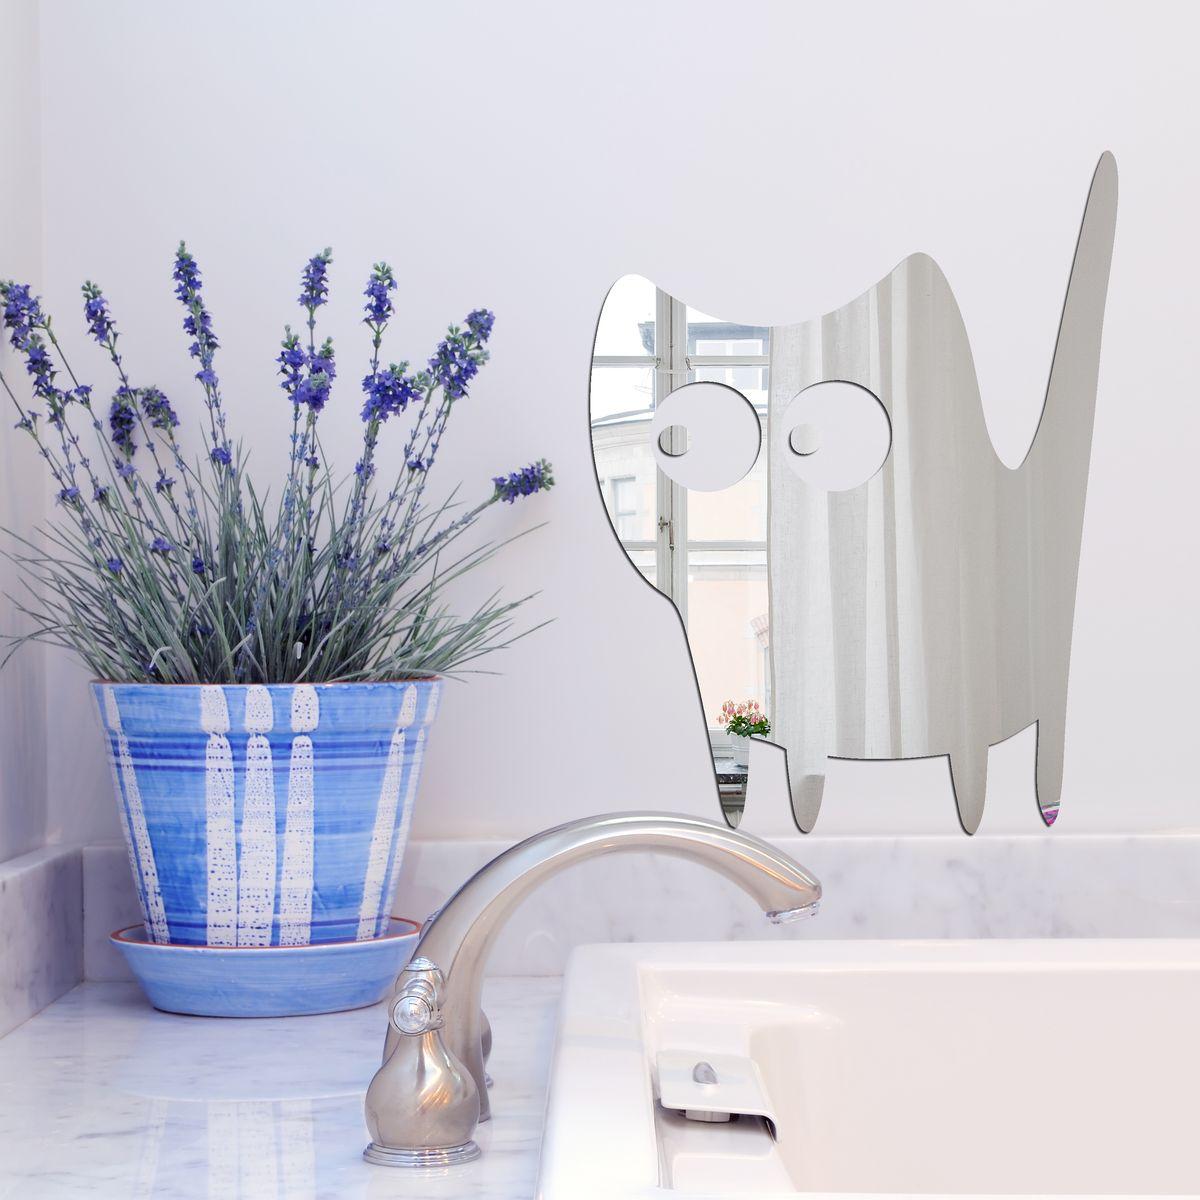 Декоративное зеркало Paris-Paris Мульт кошка, 22 х 29 см11243Фигурное зеркало Paris-Paris - это яркий декоративный объект, по отражающим свойствам не уступающий классическому стеклянному зеркалу. Всегда разные в зависимости от того, где они располагаются, зеркала Paris-Paris каждый раз вступают в новый диалог с интерьером! Зеркало из гибкого органического стекла. Этот легкий и прочный материал по сравнению с обычным стеклом более устойчив к повреждениям и обеспечивает максимальный визуальный эффект. Крепится к стене при помощи специального двустороннего скотча входящего в комплект.Инструкция: Если вы уже выбрали место для вашего зеркала, весь процесс займет 3 минуты. Стена должна быть чистой и сухой. Снимите защитную пленку с клейкой ленты на обратной стороне зеркала; Разместите зеркало на стене; Аккуратно снимите с зеркала защитную пленку.